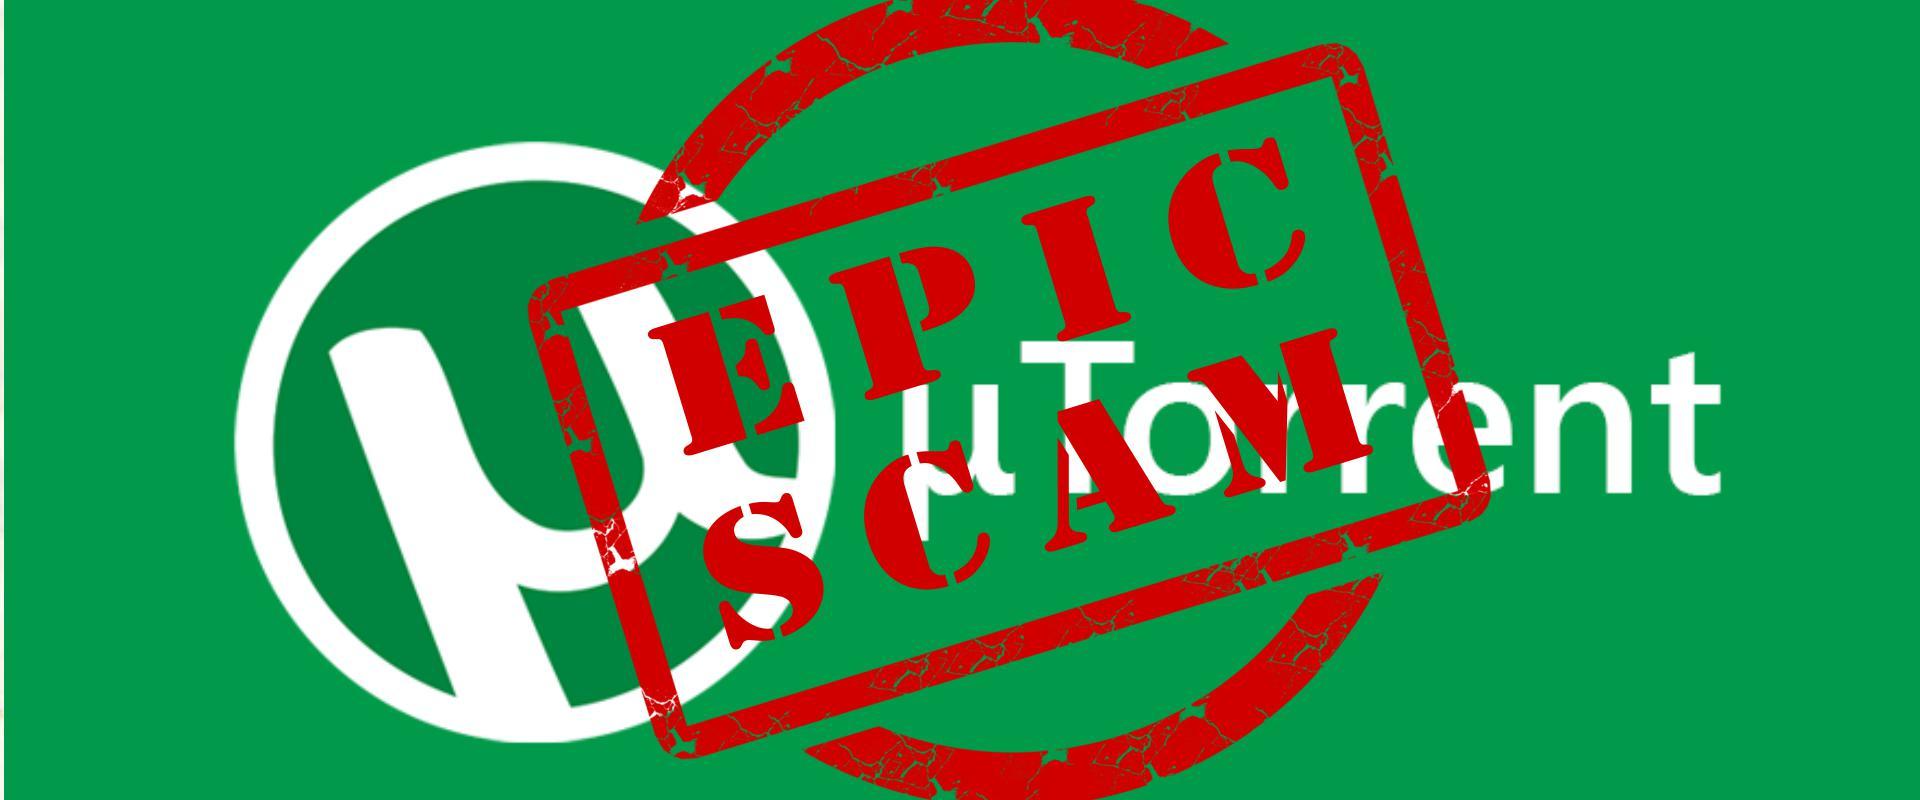 uTorrent najavio veliku promjenu, korisnici nezadovoljni